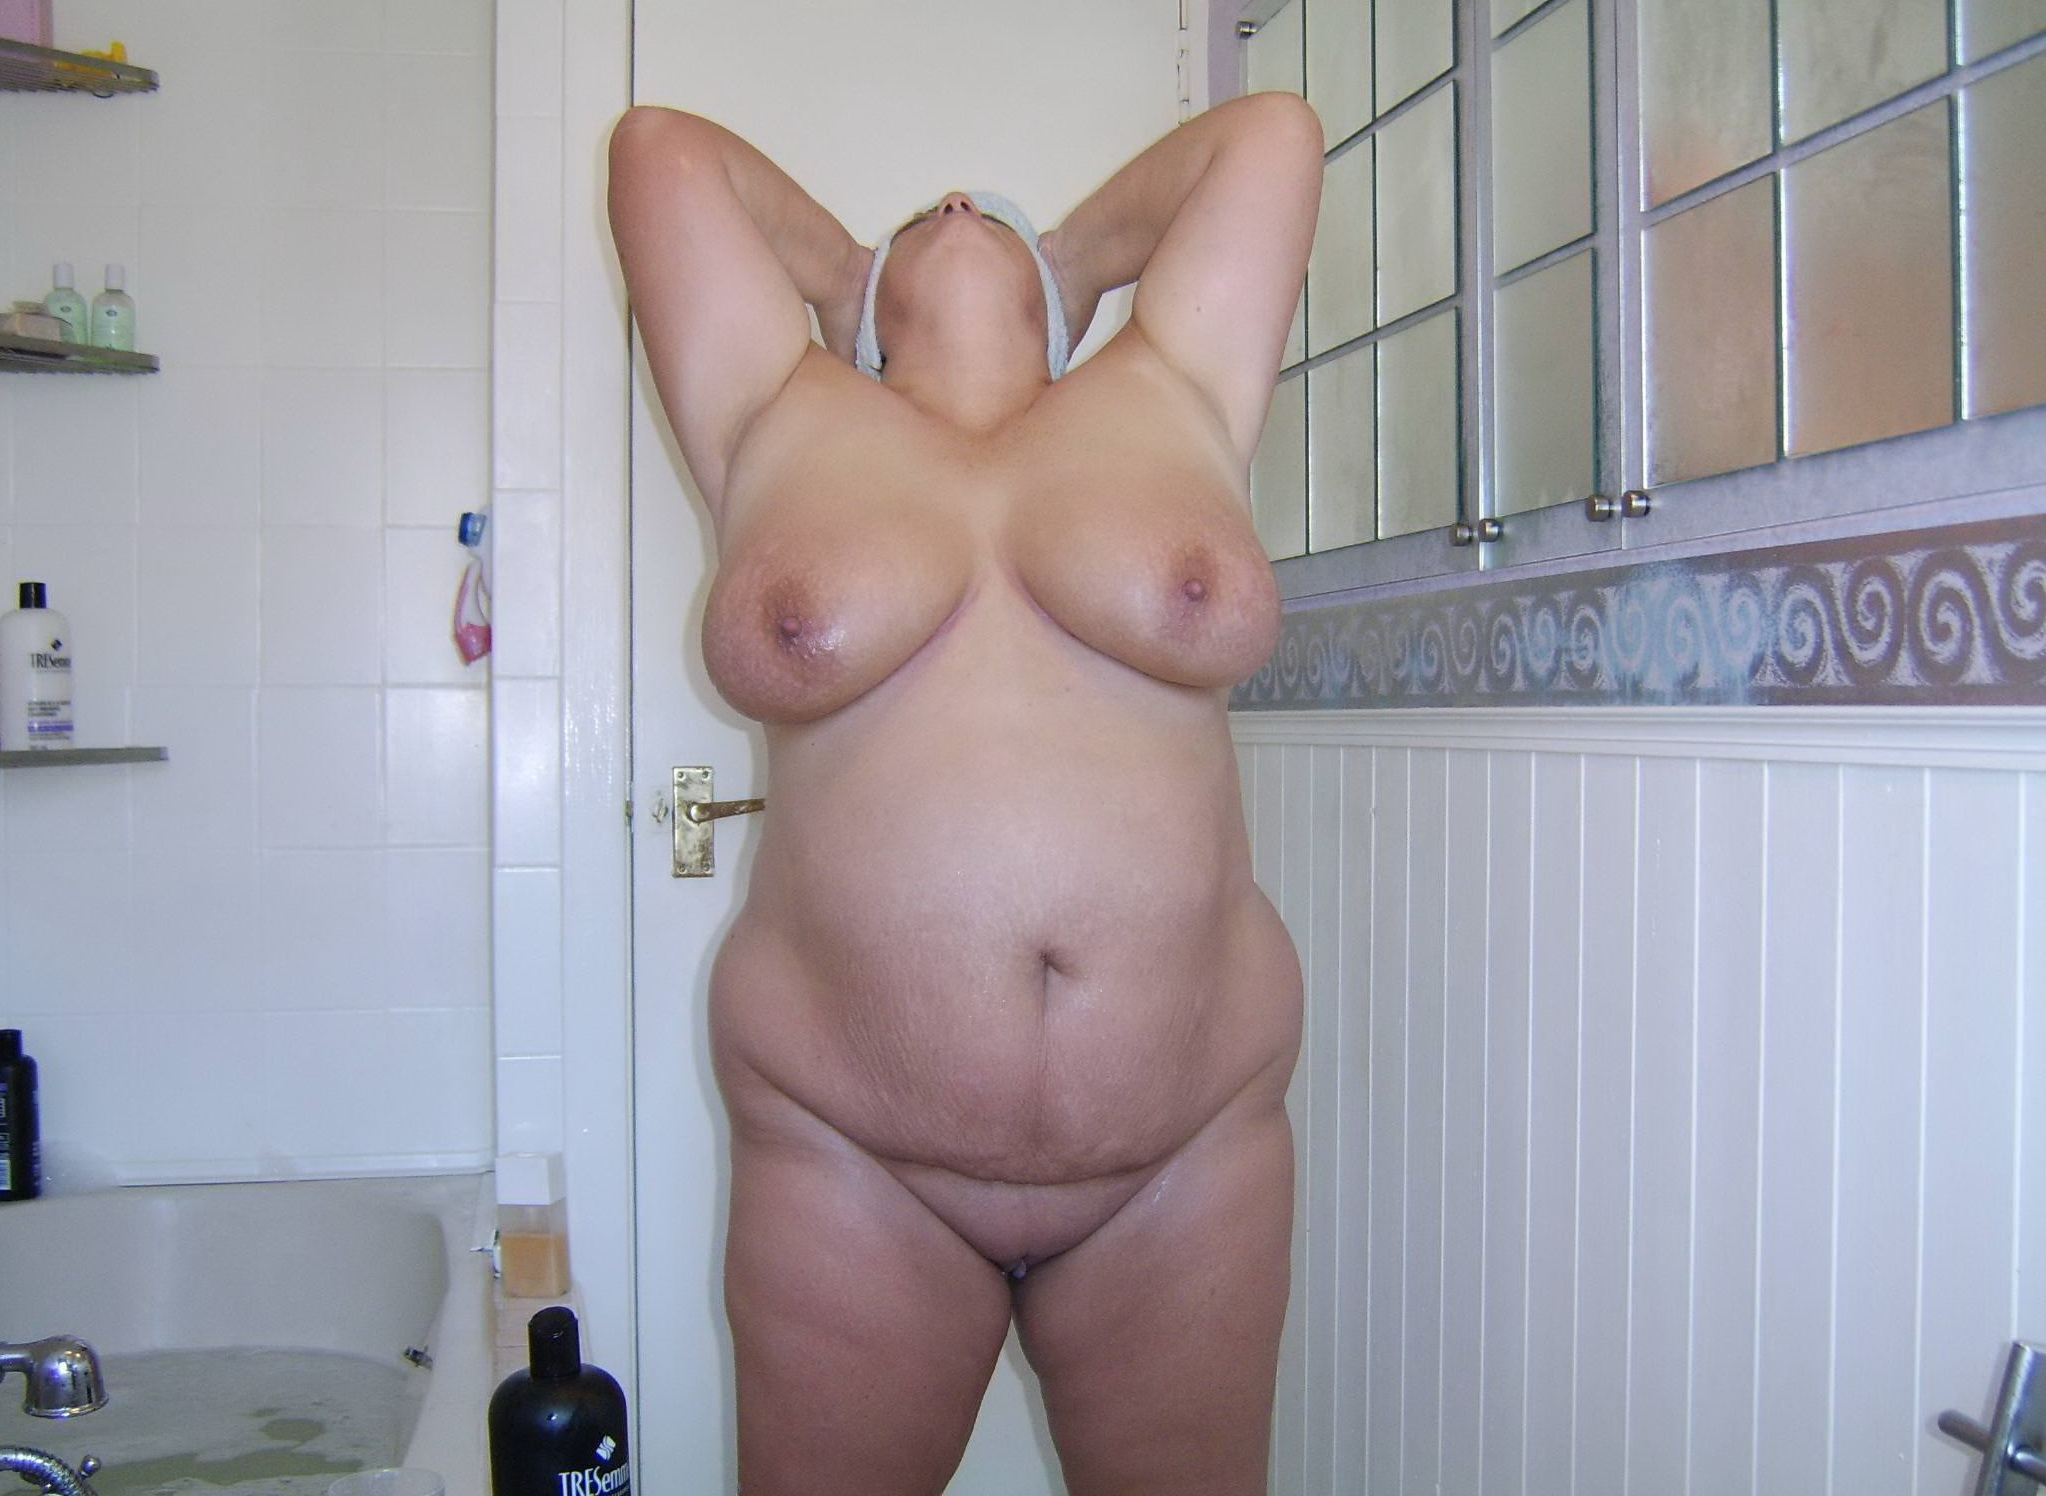 Фото баб пышек, Голые толстушки частные секс фото 8 фотография